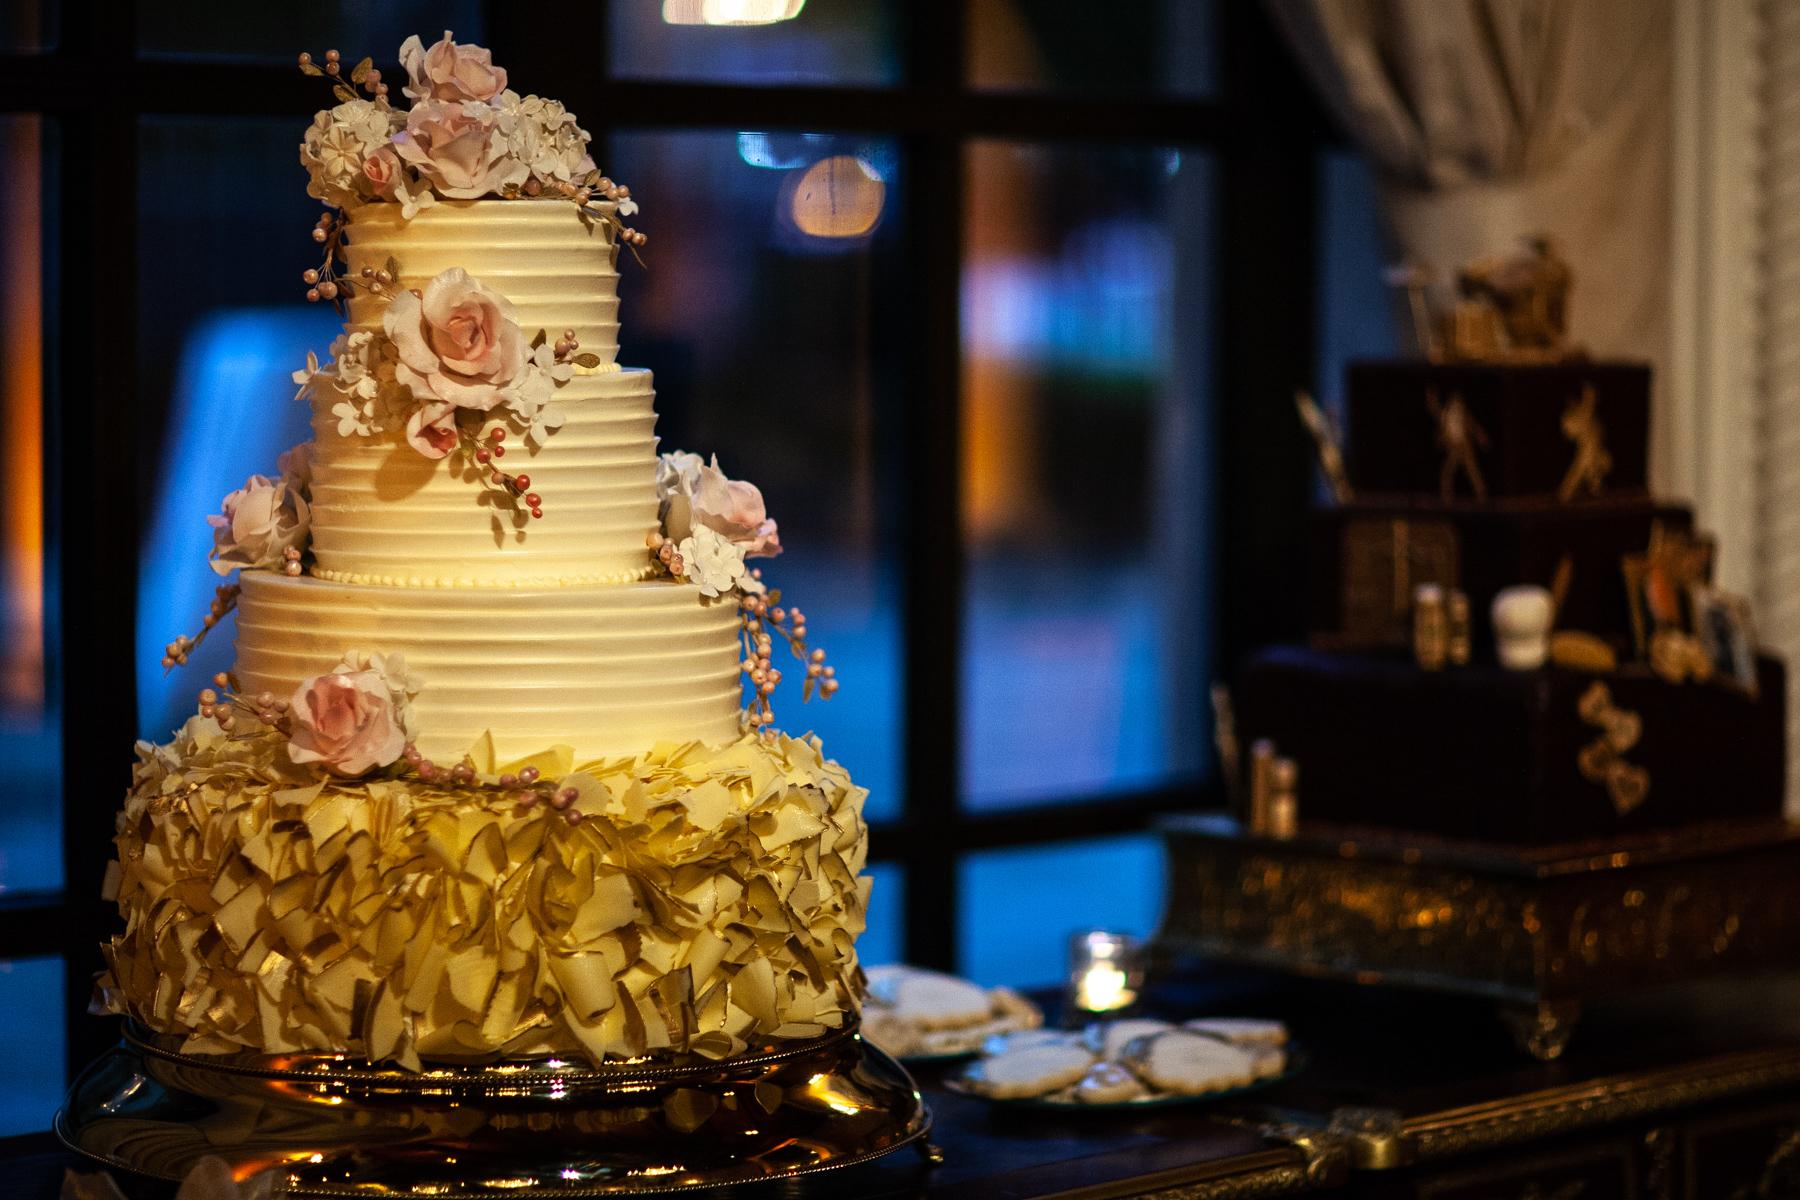 Wedding cake St. Regis Hotel Washington DC